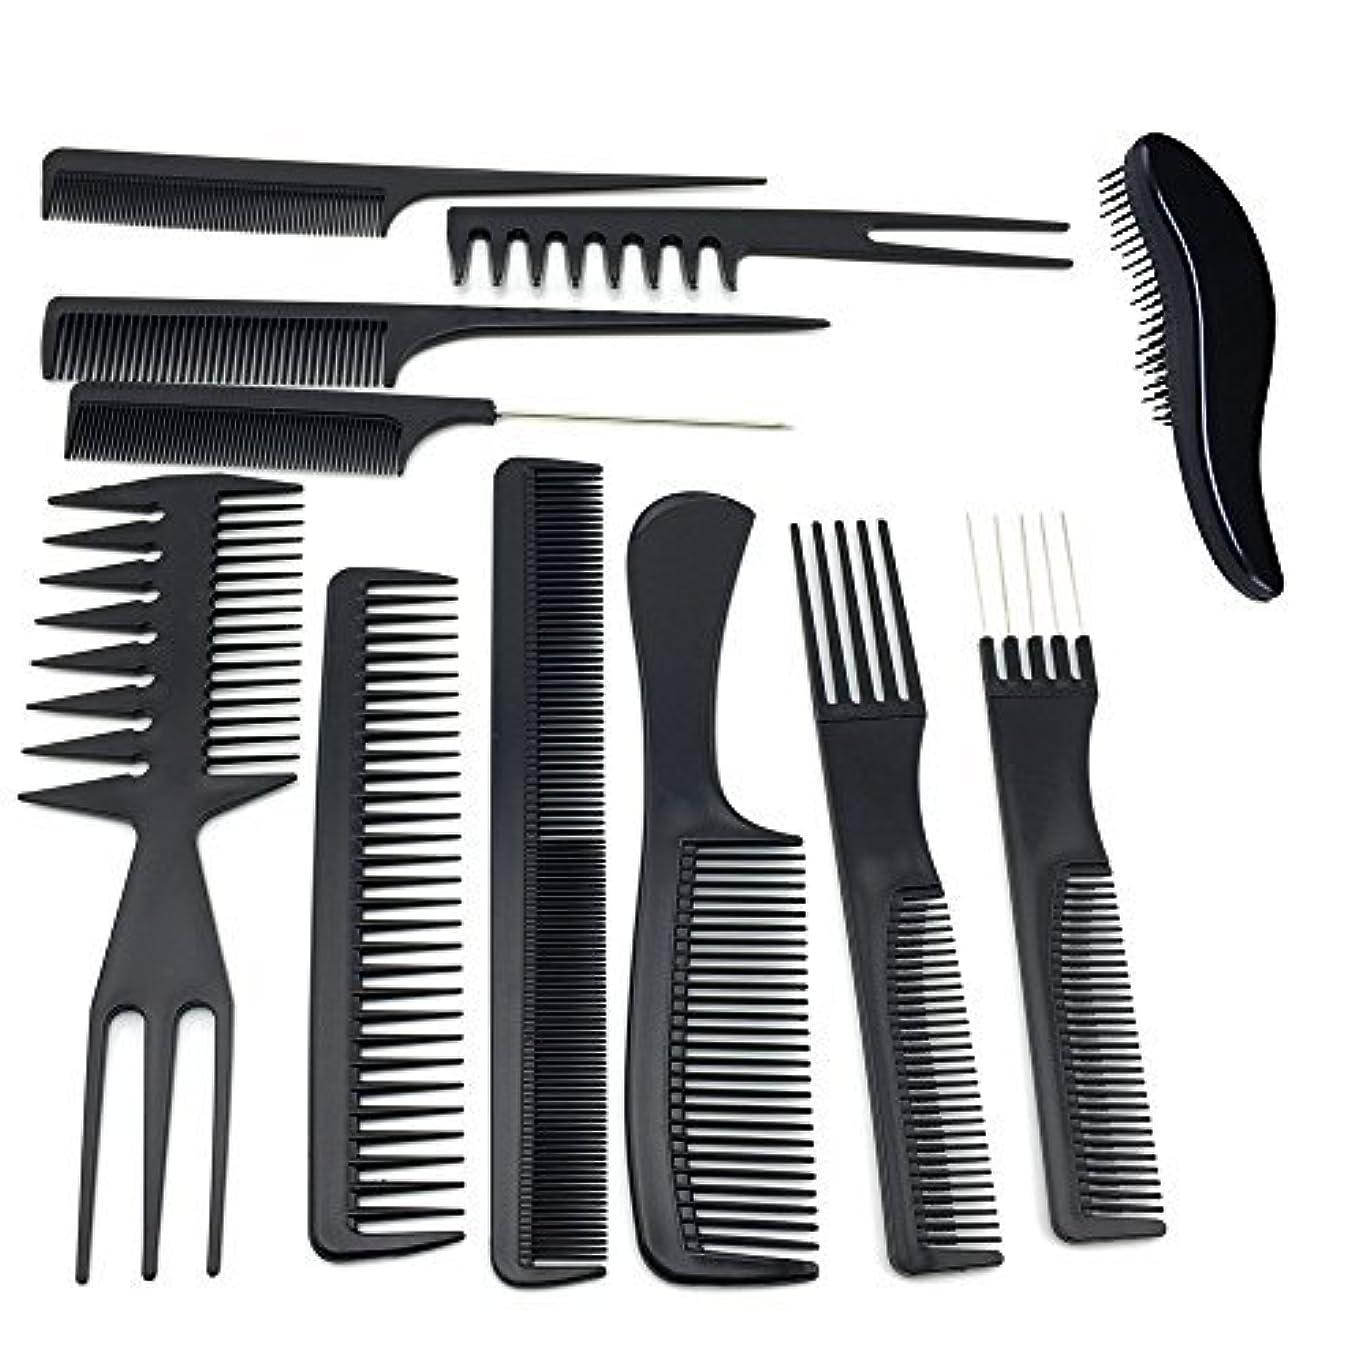 バンジョー皮肉な上向きTraderPlus 11PCS Hair Stylists Professional Styling Comb Set Variety Pack for All Hair Types [並行輸入品]